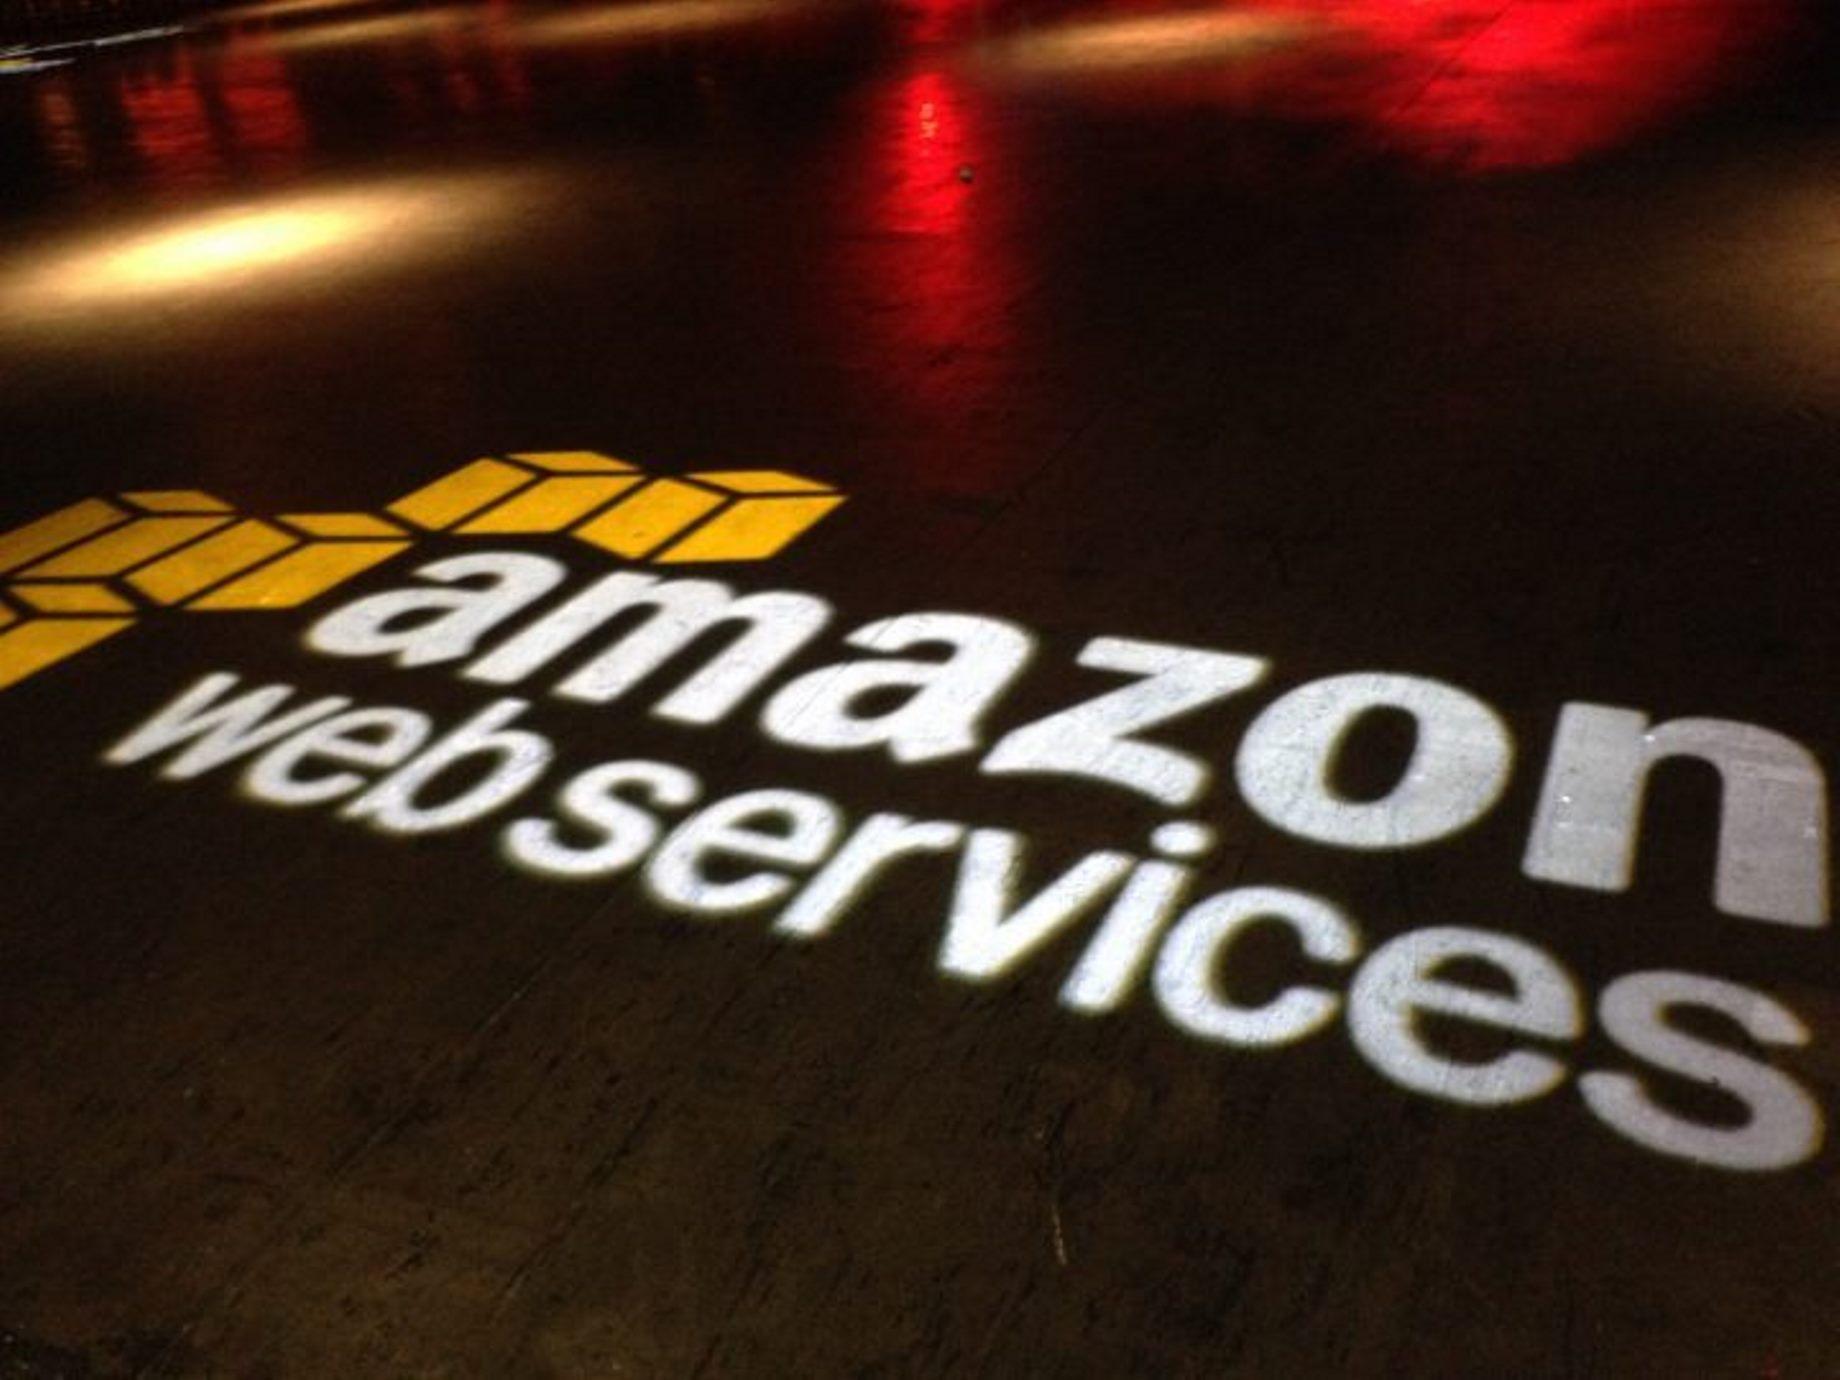 讓用戶隨時喊卡!亞馬遜雲端服務推「以秒計費」,降價打擊Google、微軟